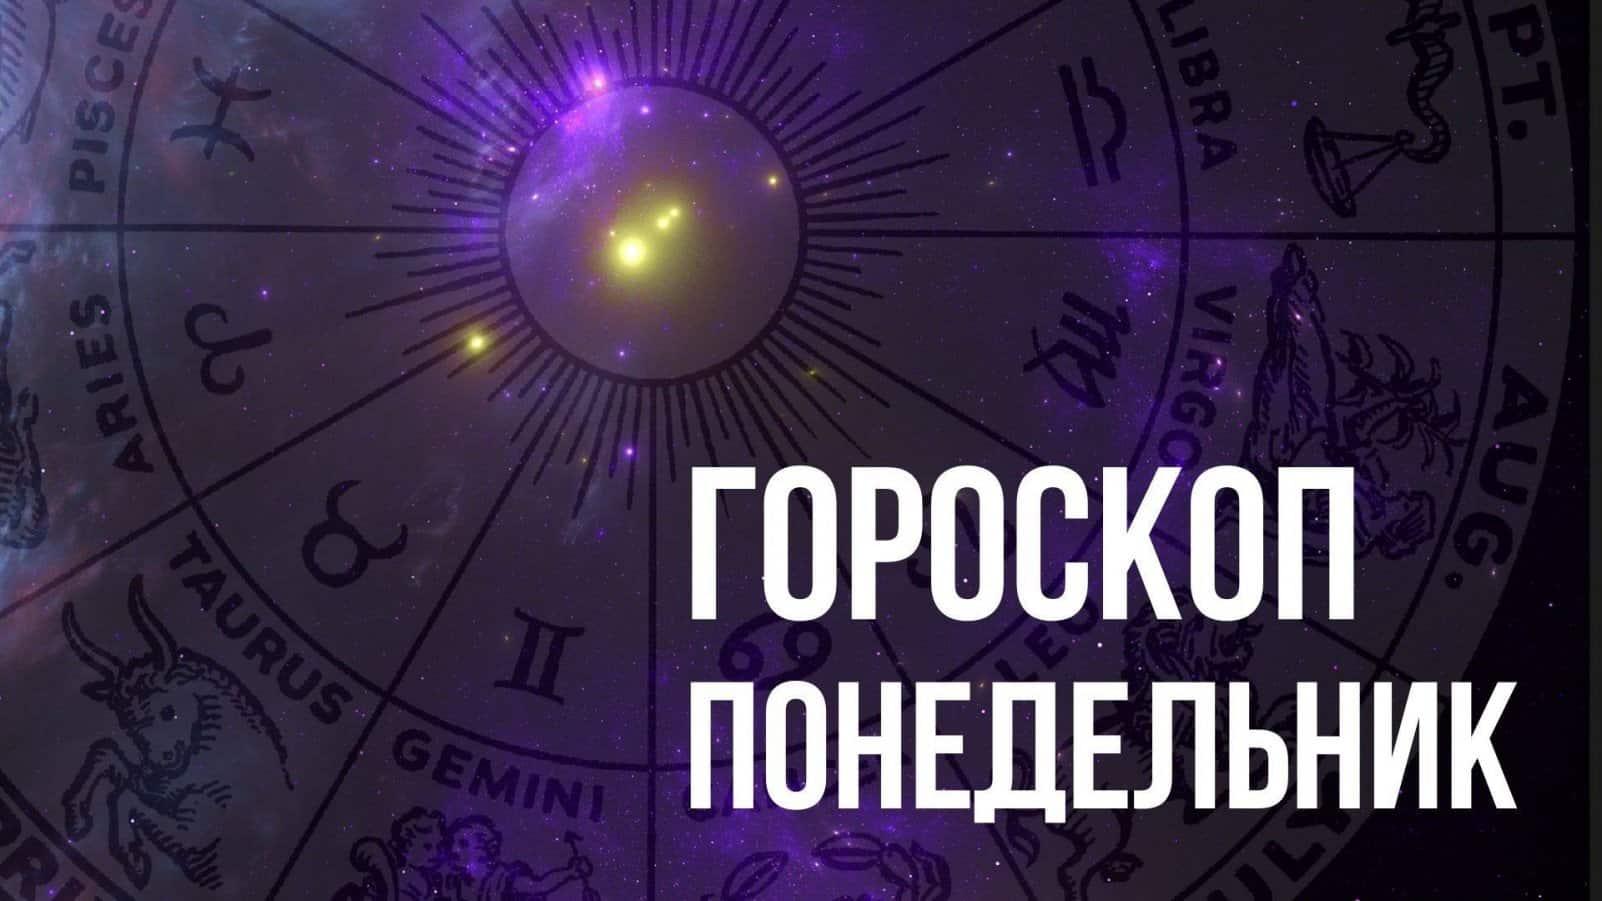 Гороскоп на понедельник 15 марта для каждого знака Зодиака